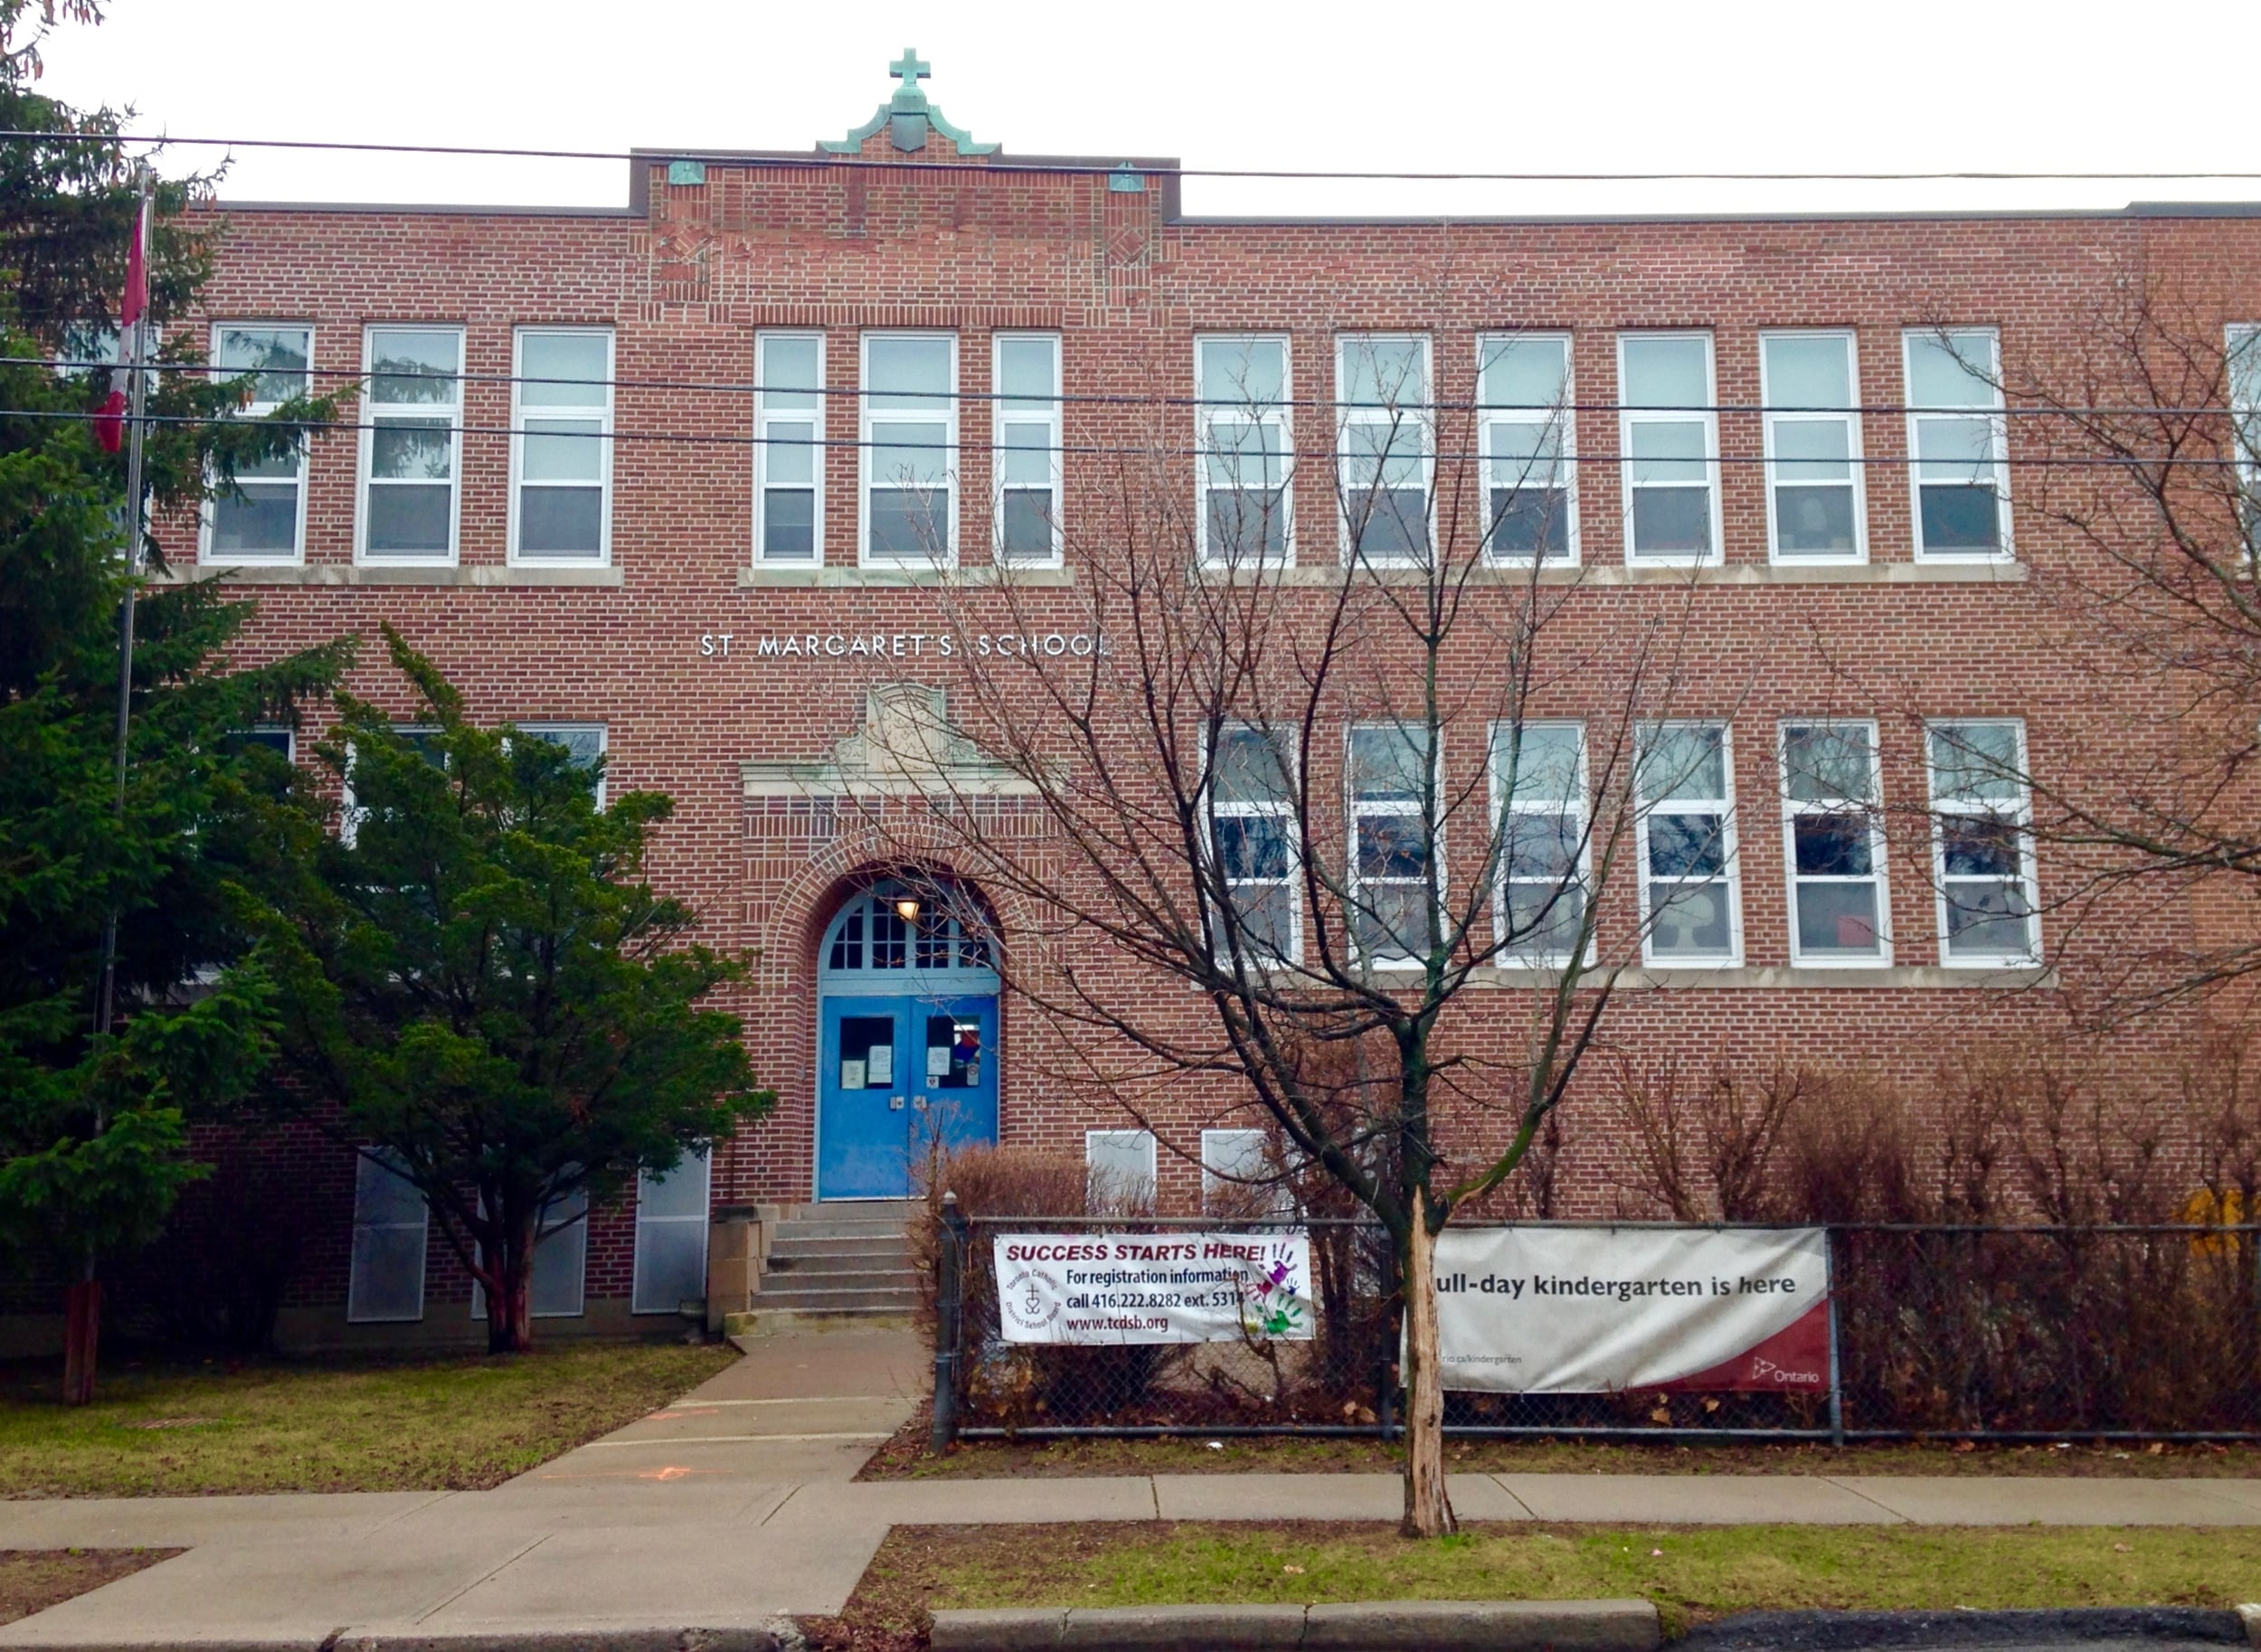 St. Margaret's JK-Grade 4 location on Carmichael Avenue. All photos by J. Austria.